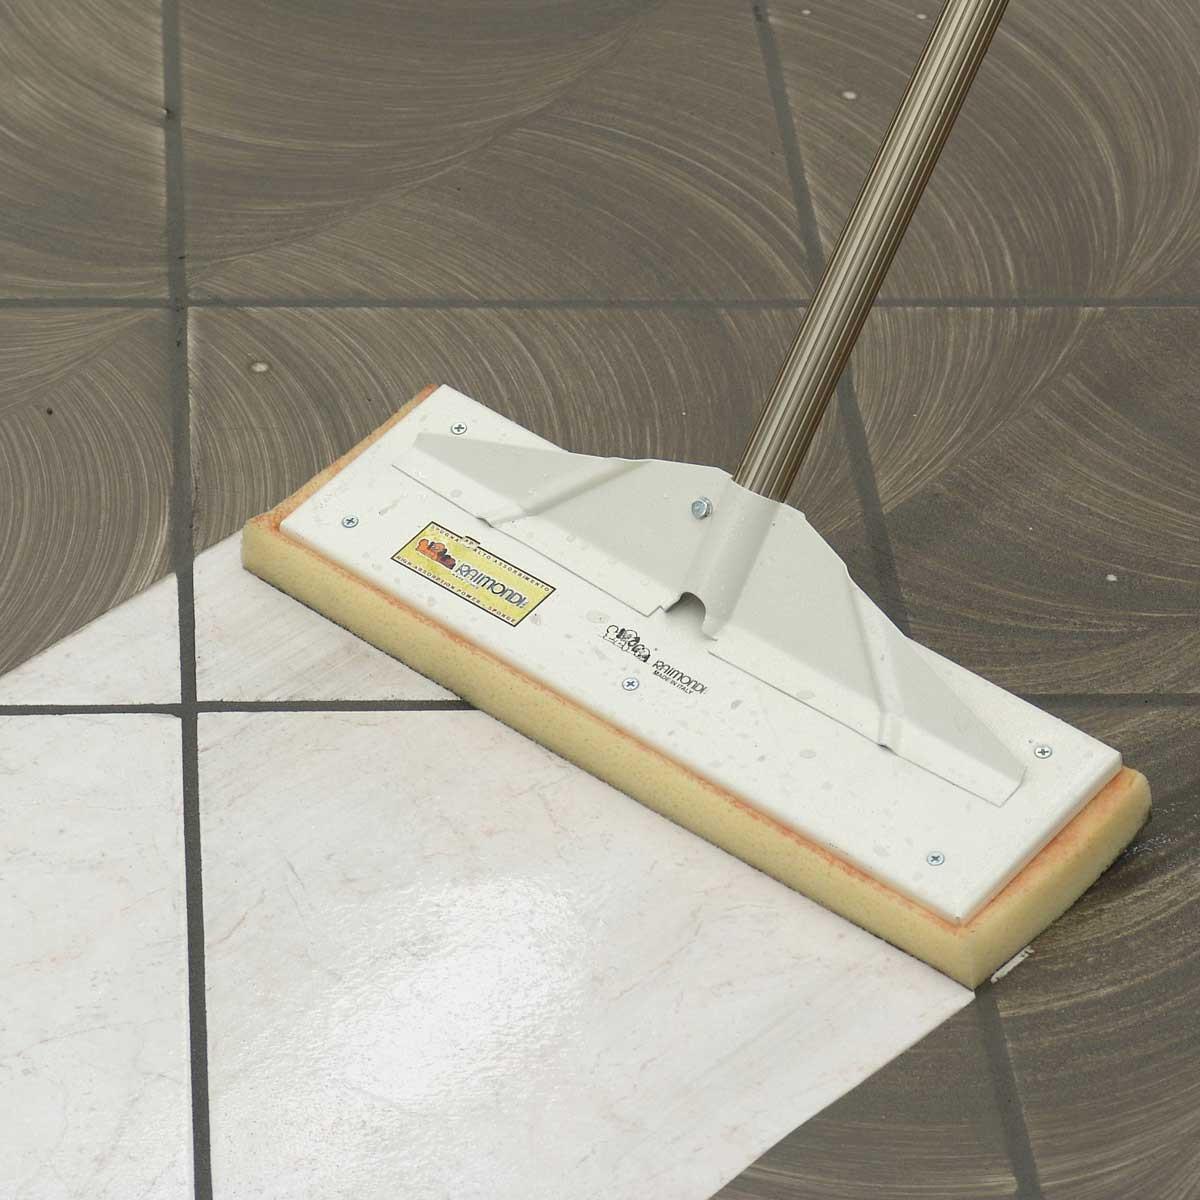 Floor Sponge Raimondi Pedalo action